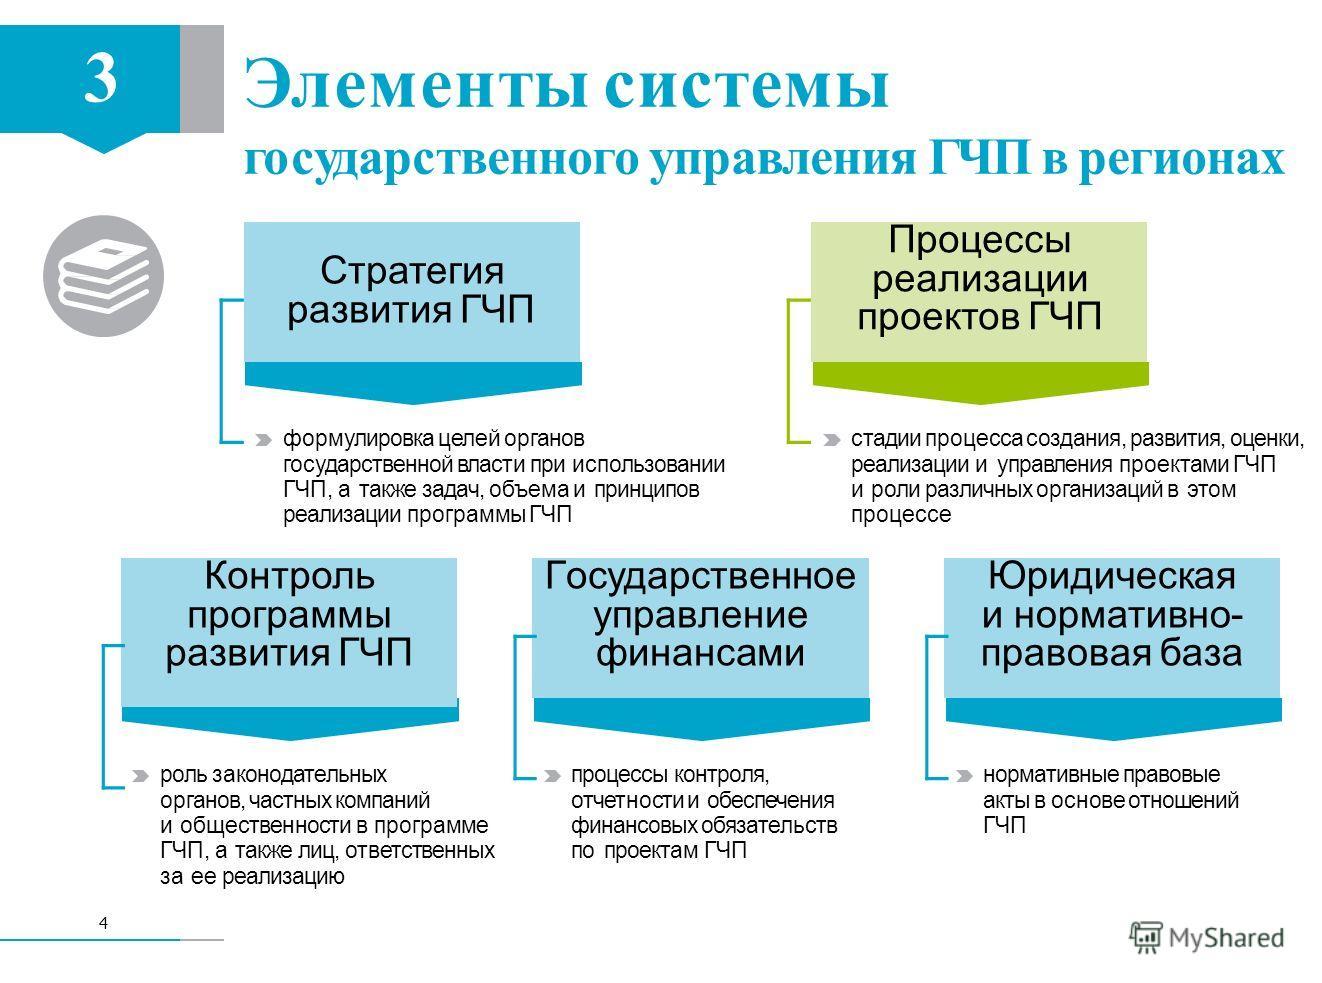 формулировка целей органов государственной власти при использовании ГЧП, а также задач, объема и принципов реализации программы ГЧП стадии процесса создания, развития, оценки, реализации и управления проектами ГЧП и роли различных организаций в этом